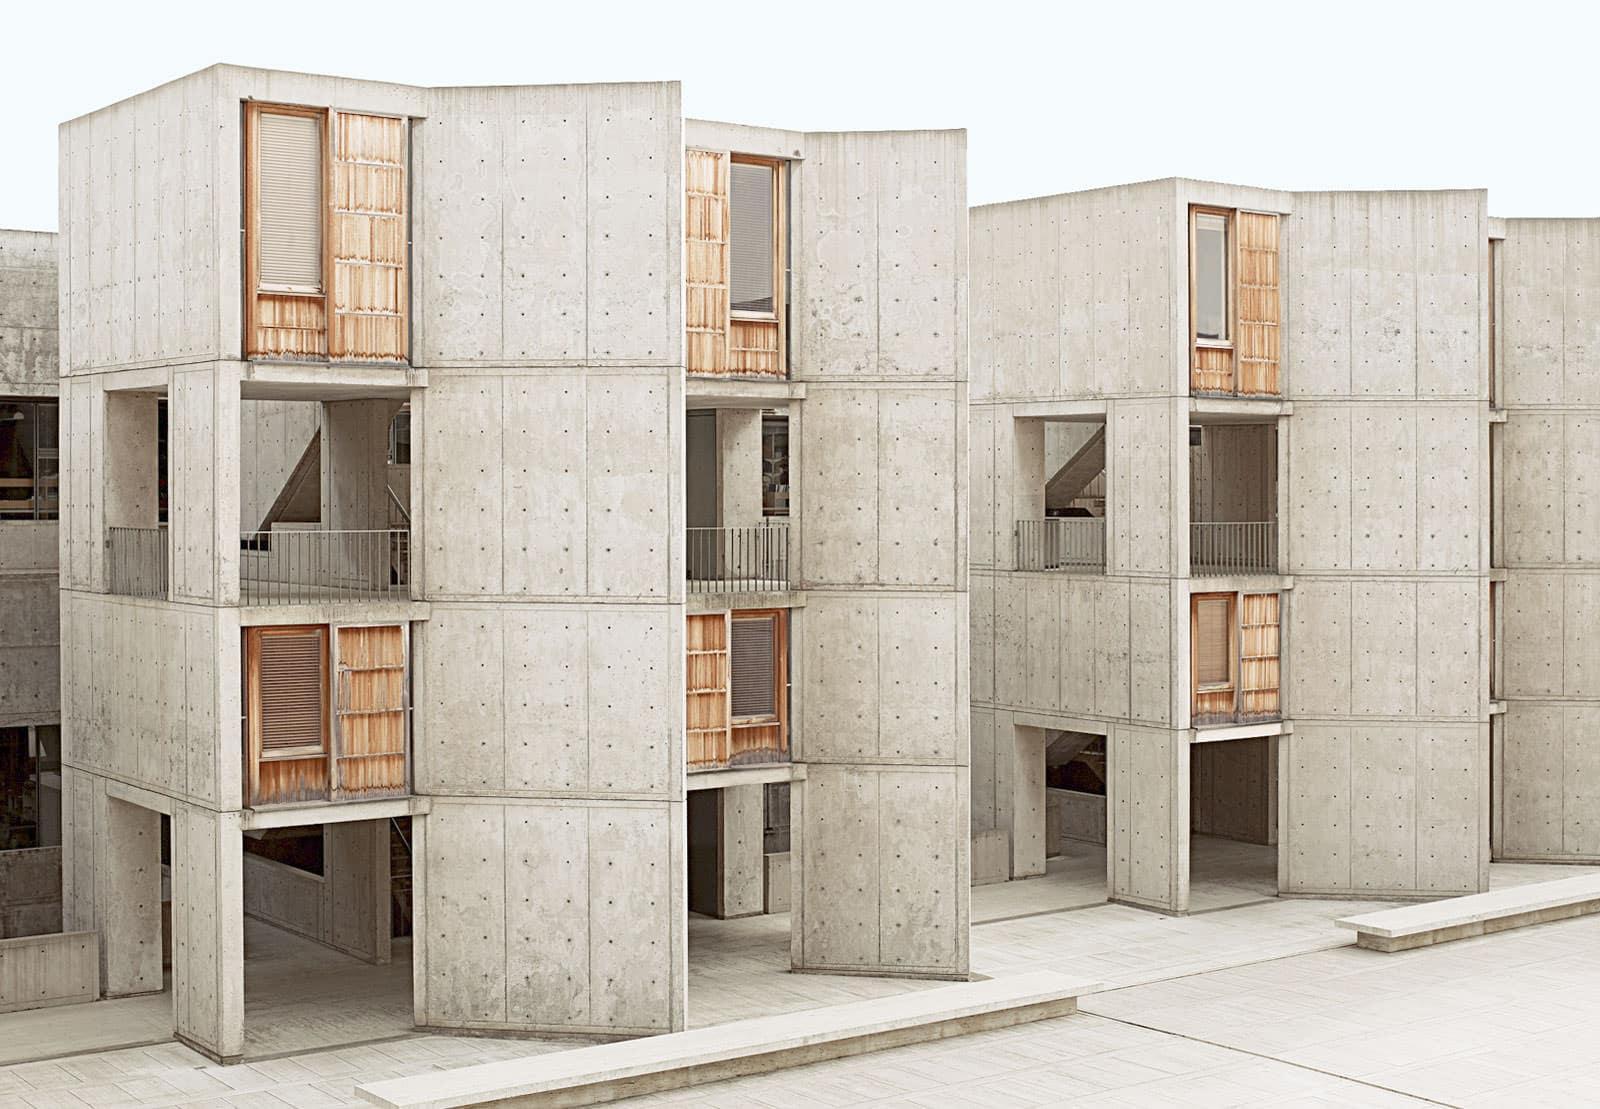 salk institute Louis Kahn Salk Institute | 1959-1965